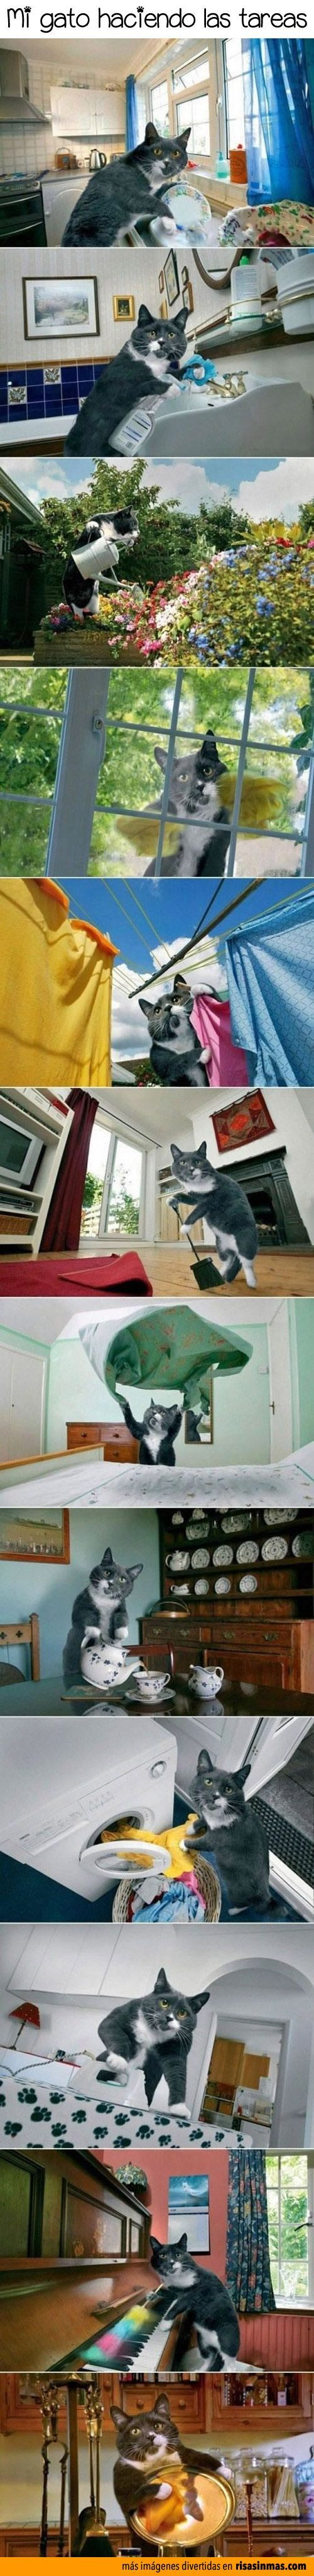 memes de gatos43